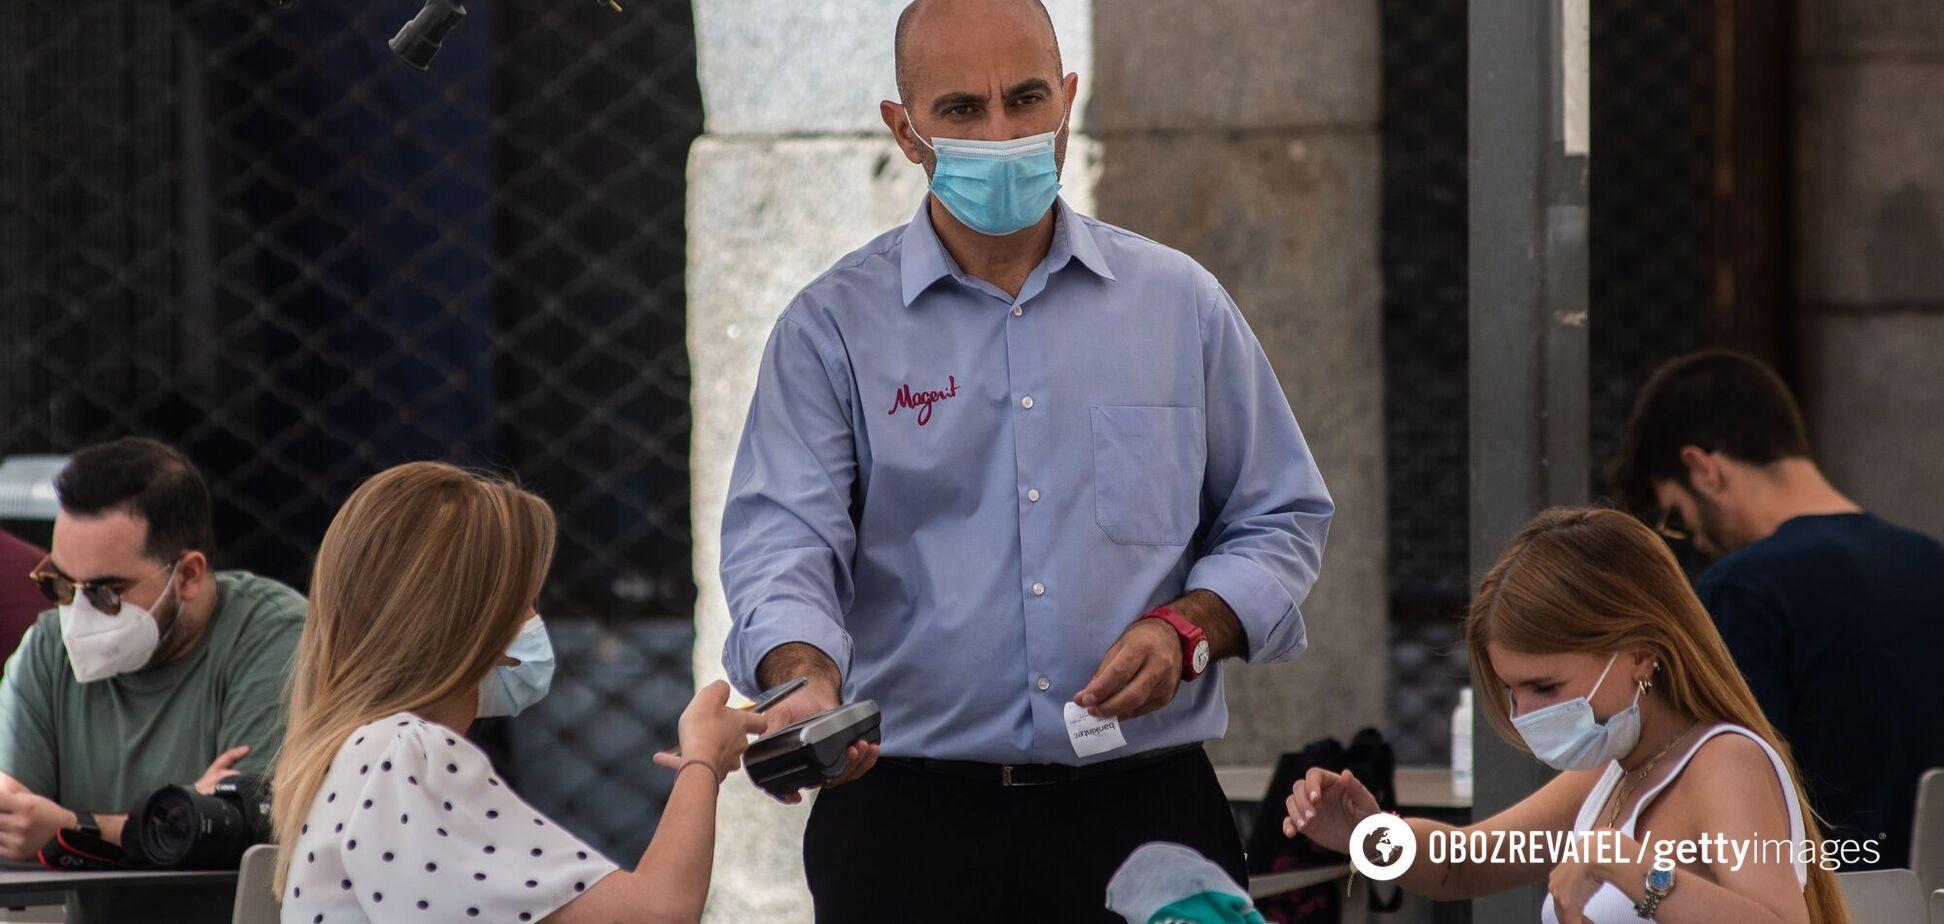 Сколько продлится карантин в Украине: инфекционист дал прогноз